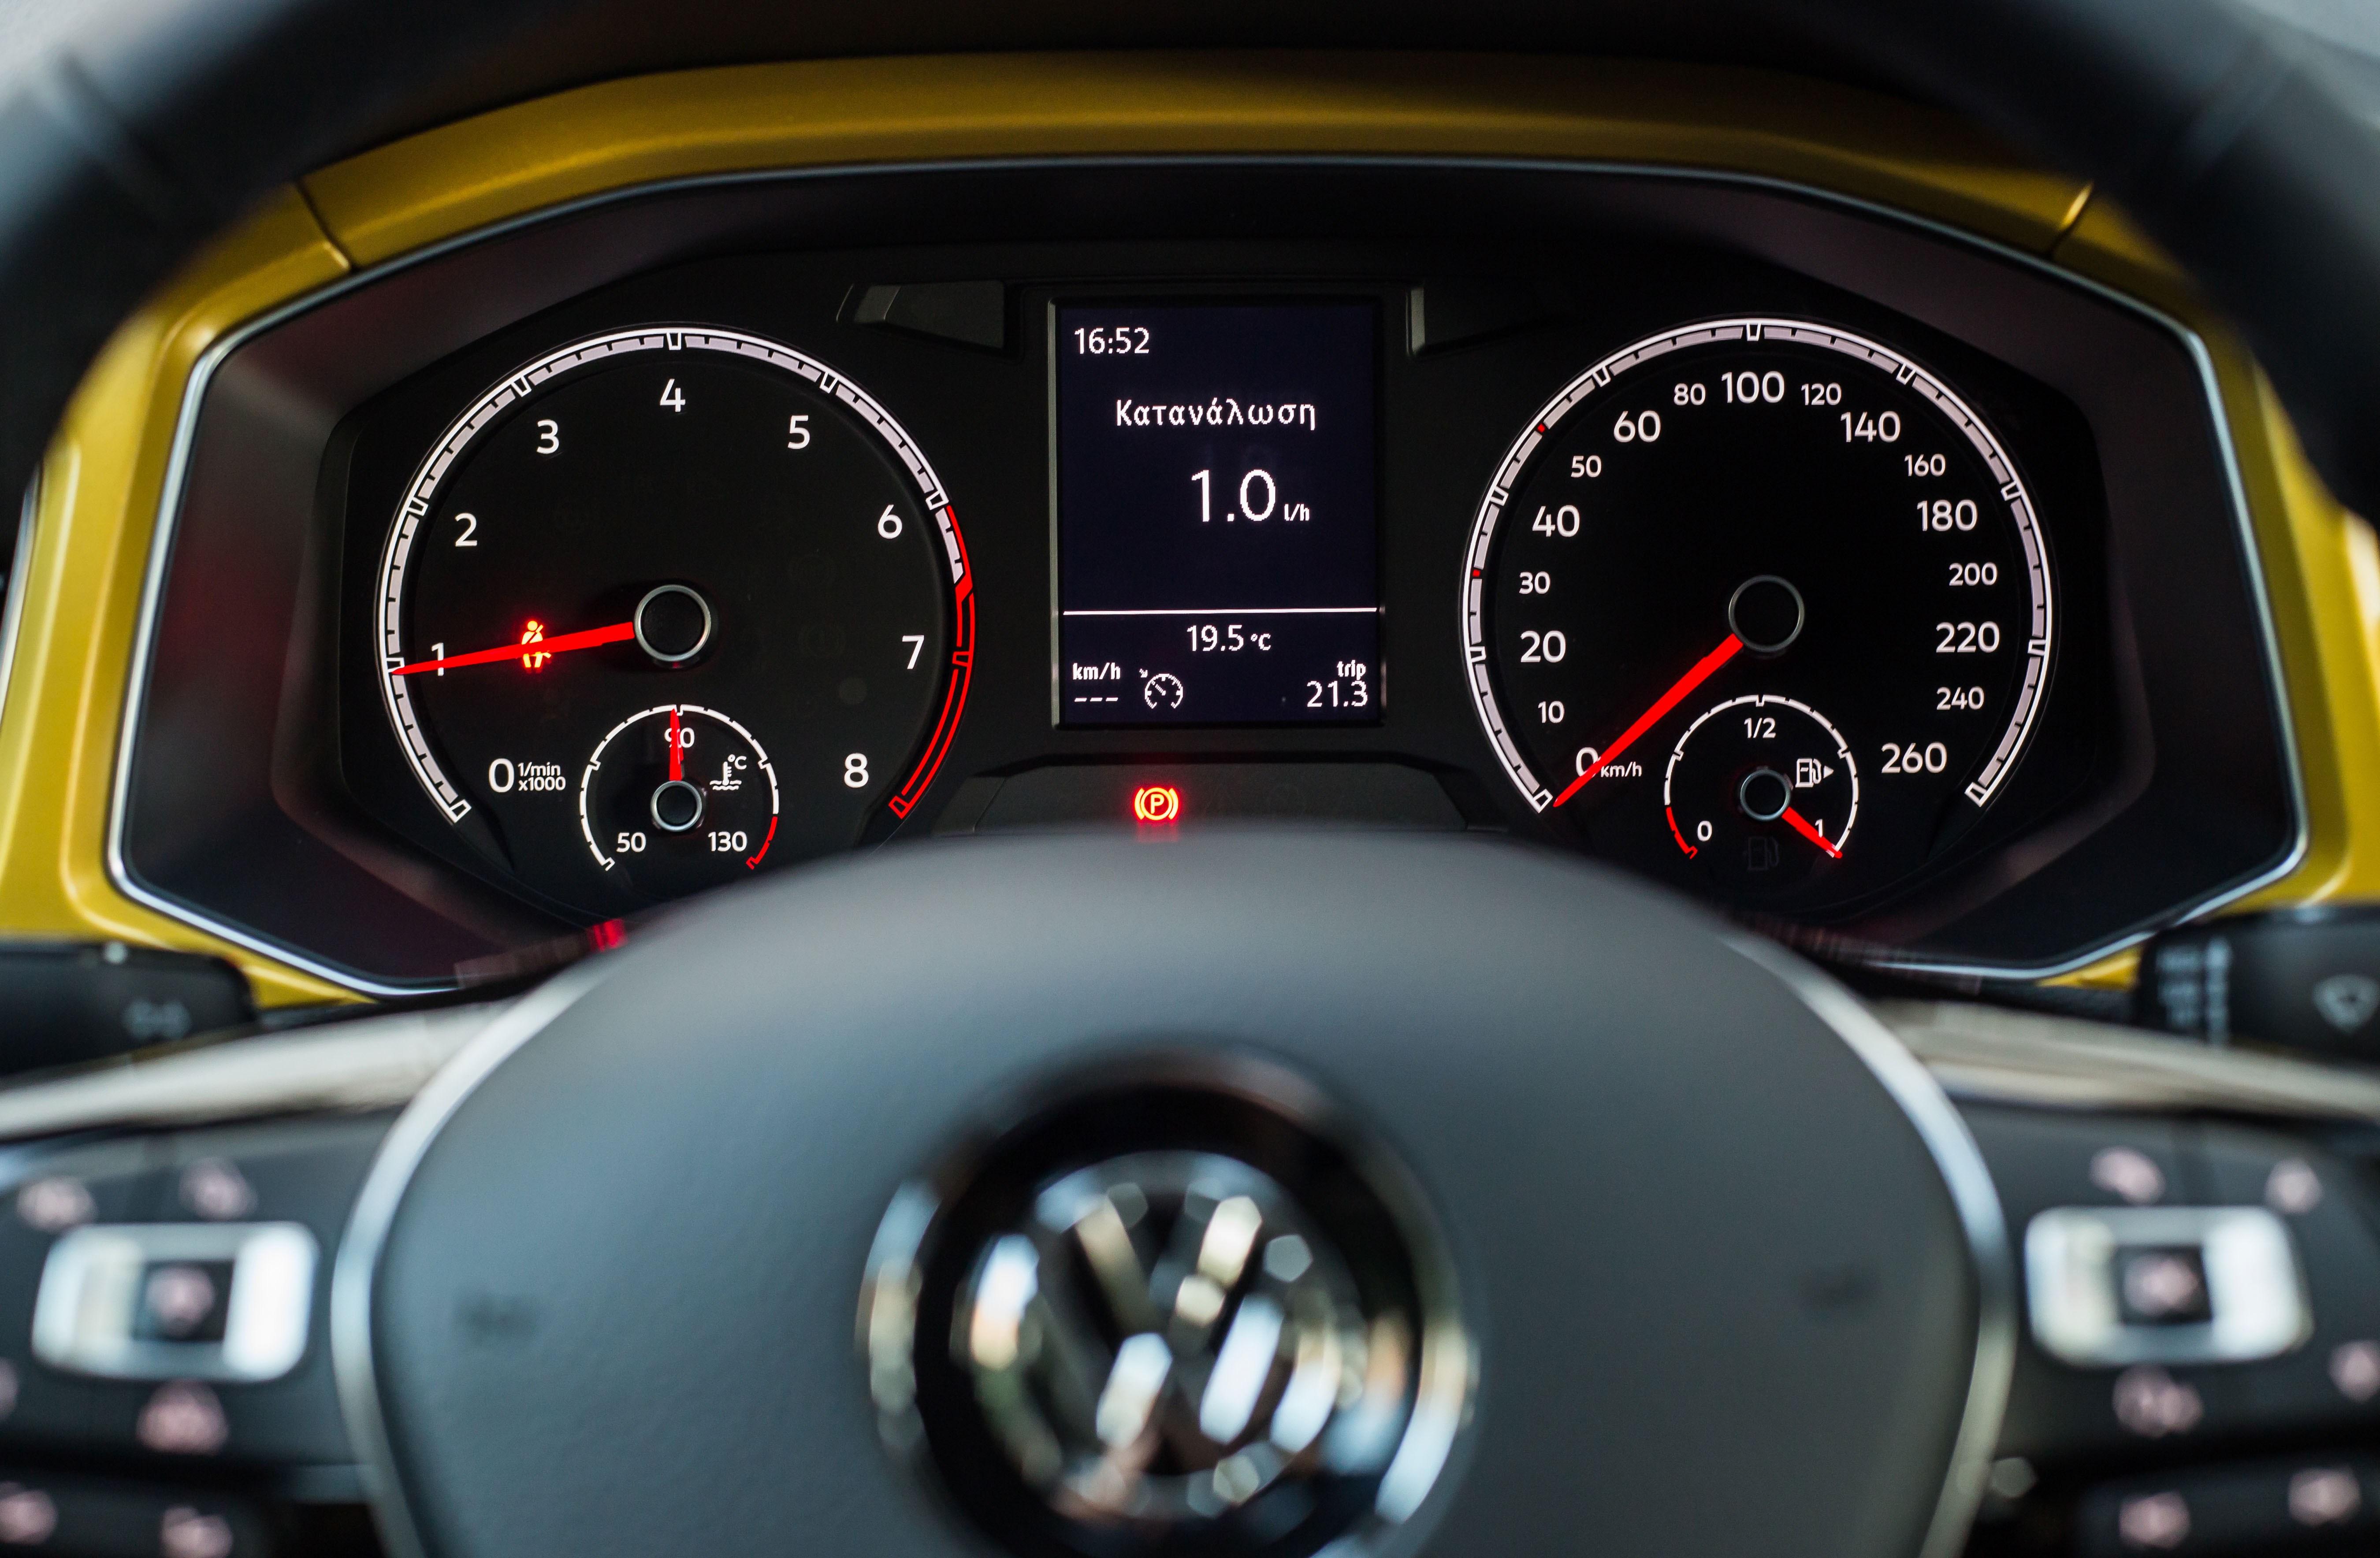 Πανελλαδική παρουσίαση: Tο T-Roc δίνει νέα ώθηση στα SUV της Volkswagen